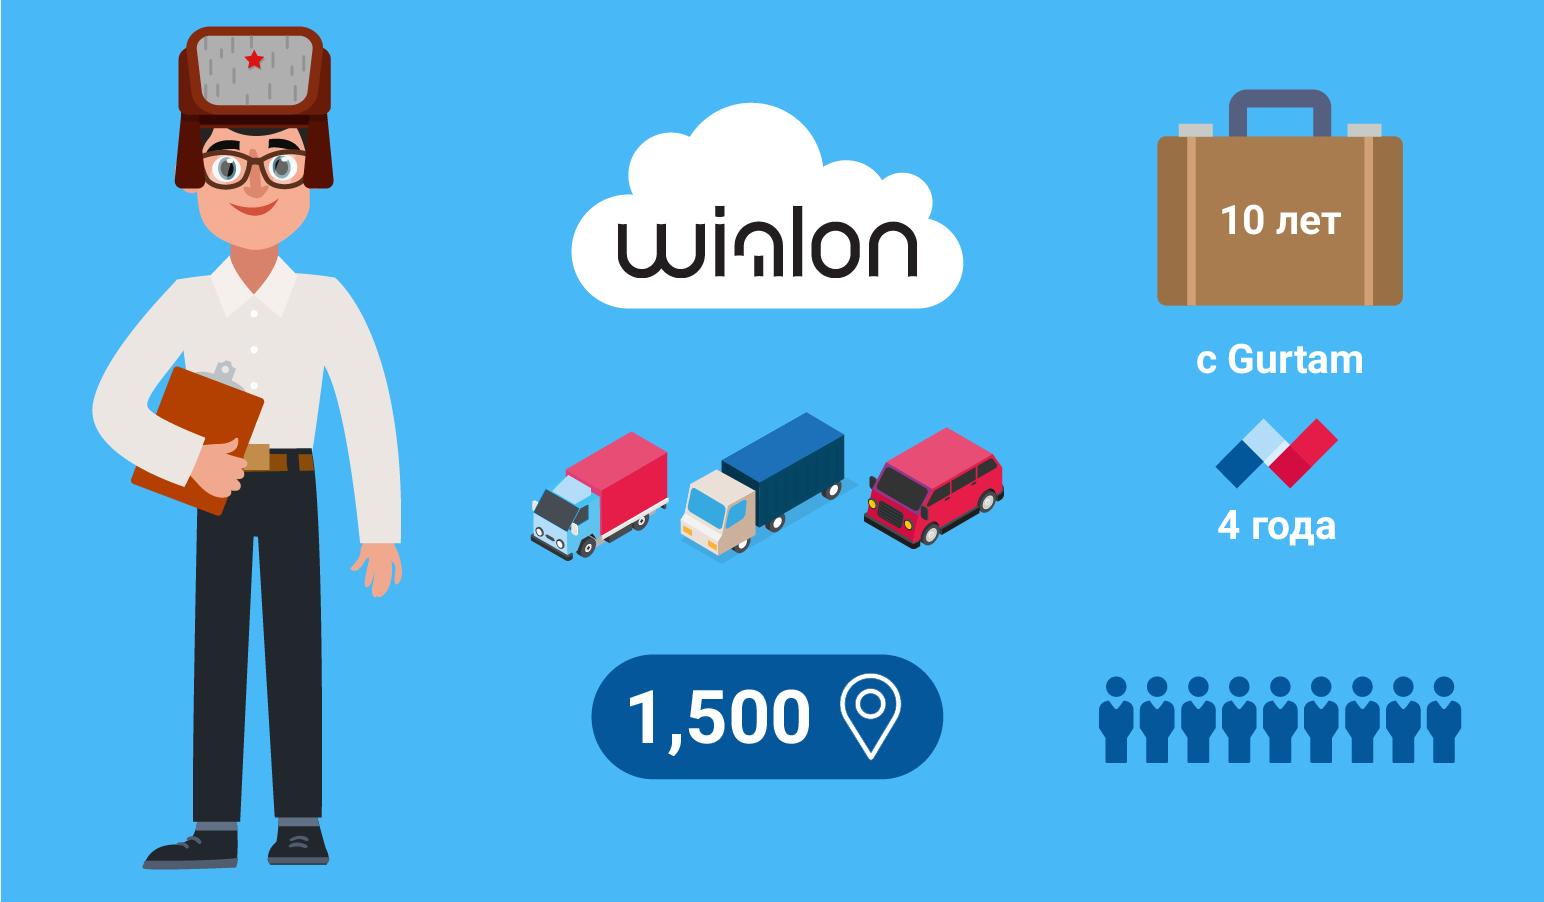 Факт 1. Типичный партнер Gurtam — это пользователь Wialon Hosting из России с 10-летним опытом ведения бизнеса